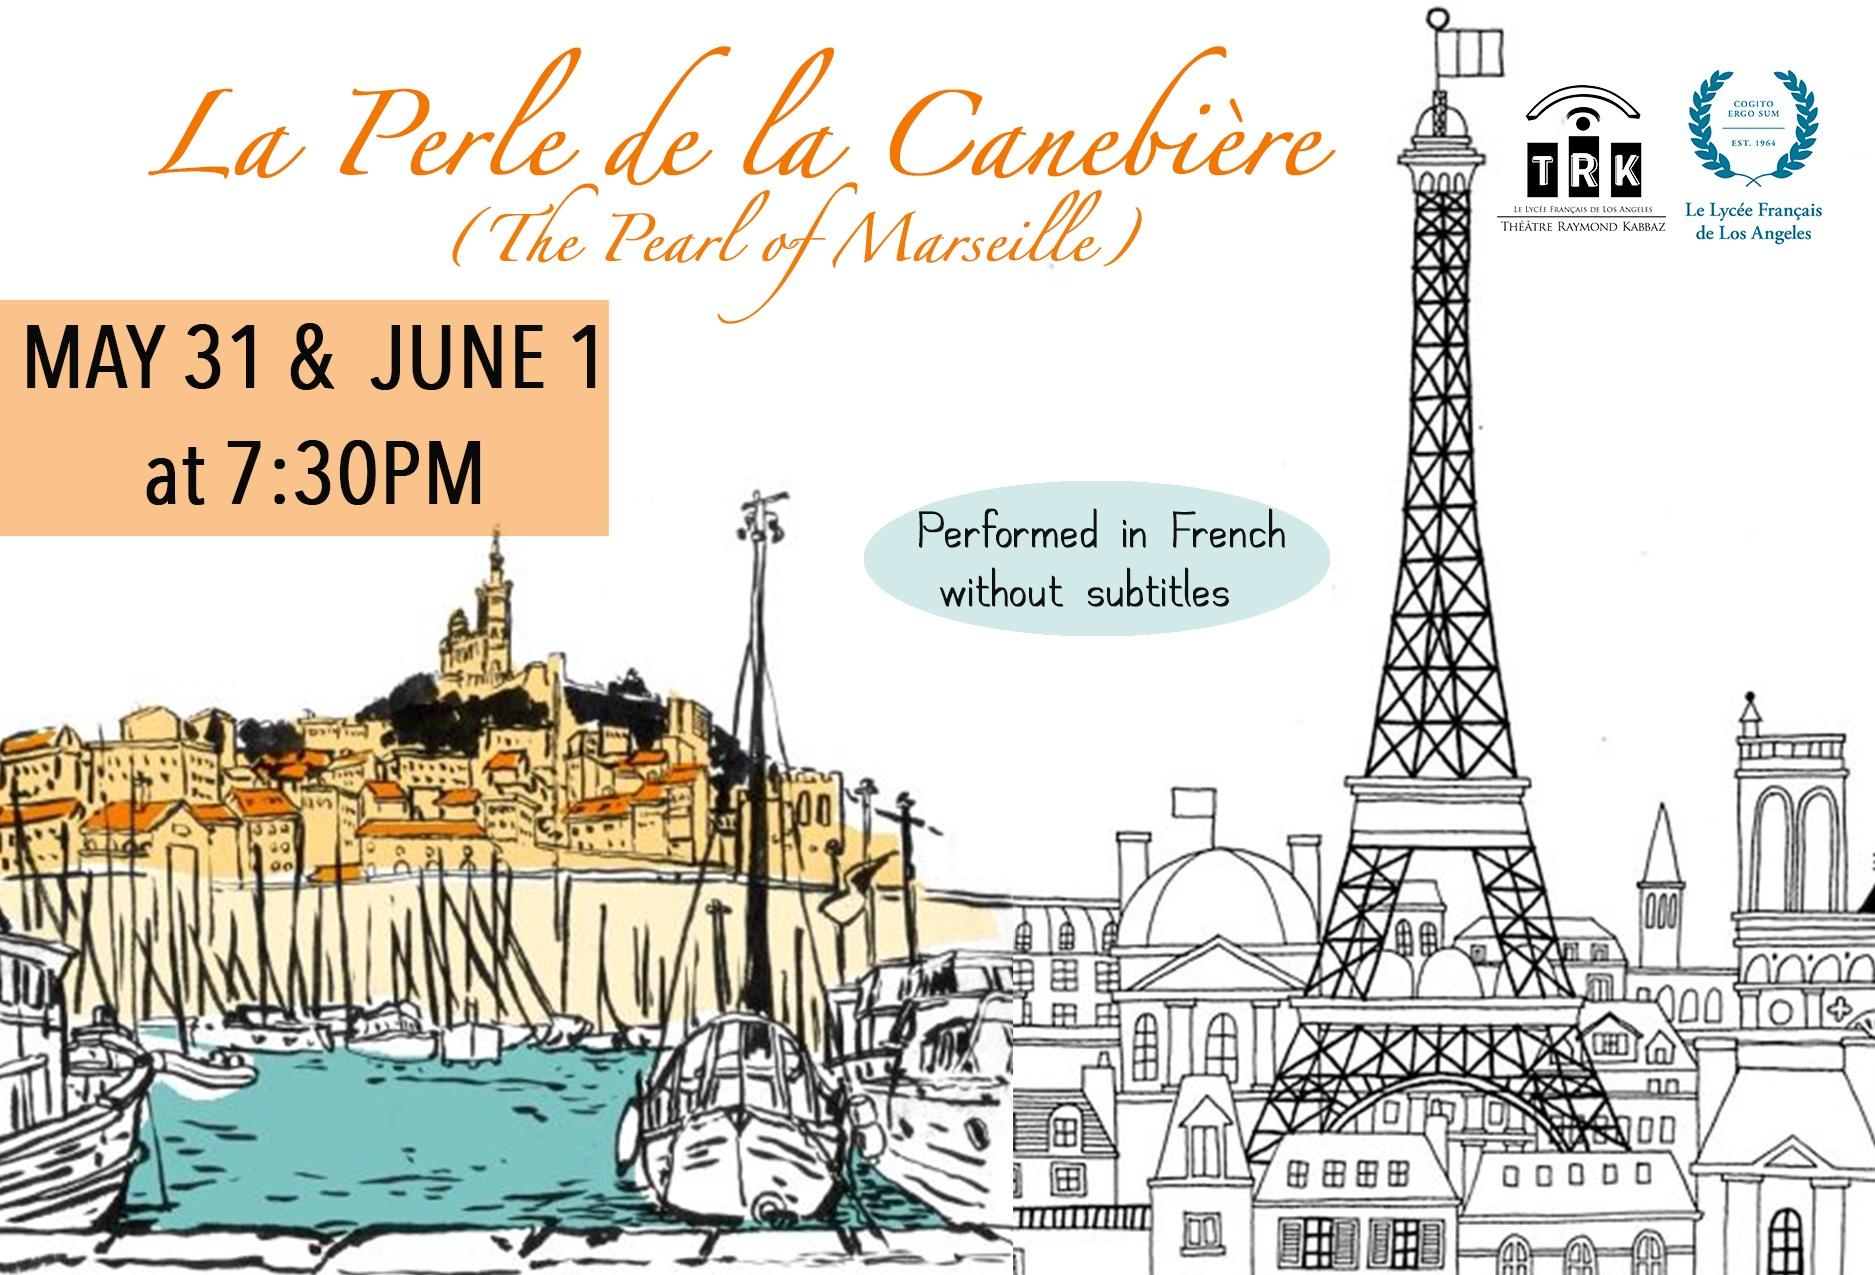 La Perle de la Canebière - The Pearl Of Marseille